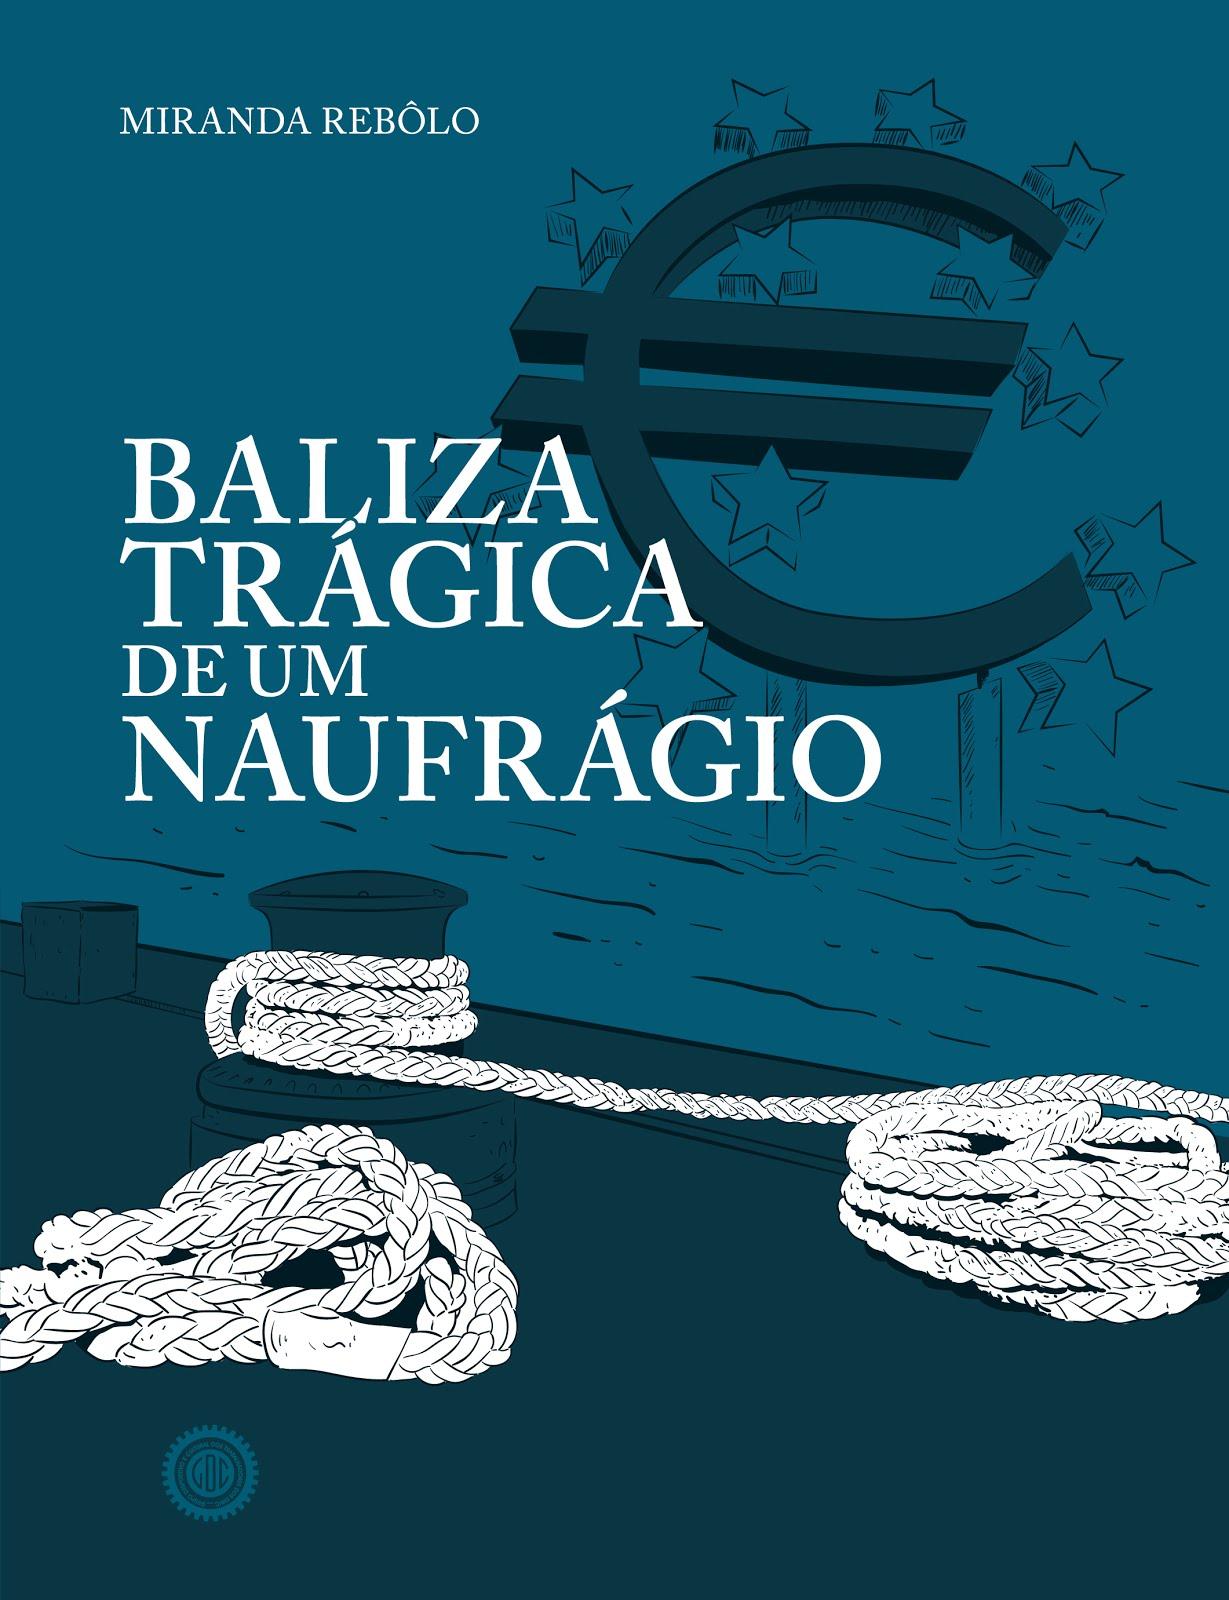 BALIZA TRÁGICA DE UM NAUFRÁGIO